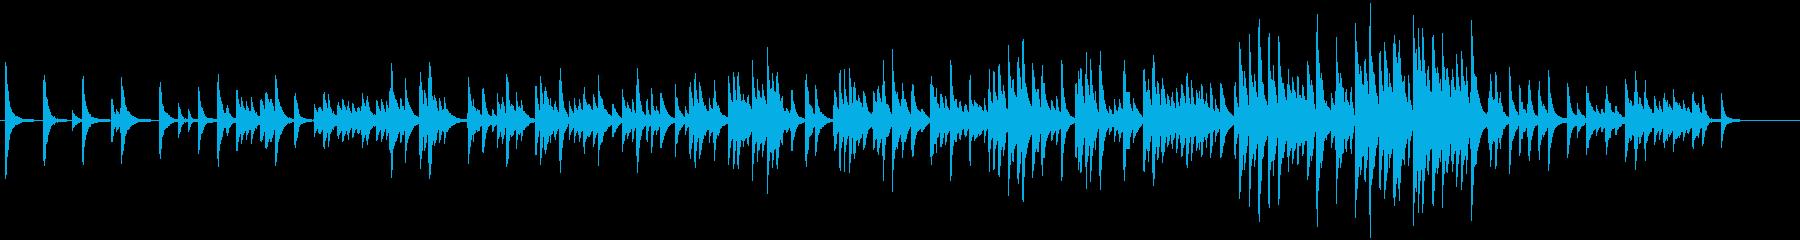 心落ち着くピアノ曲の再生済みの波形